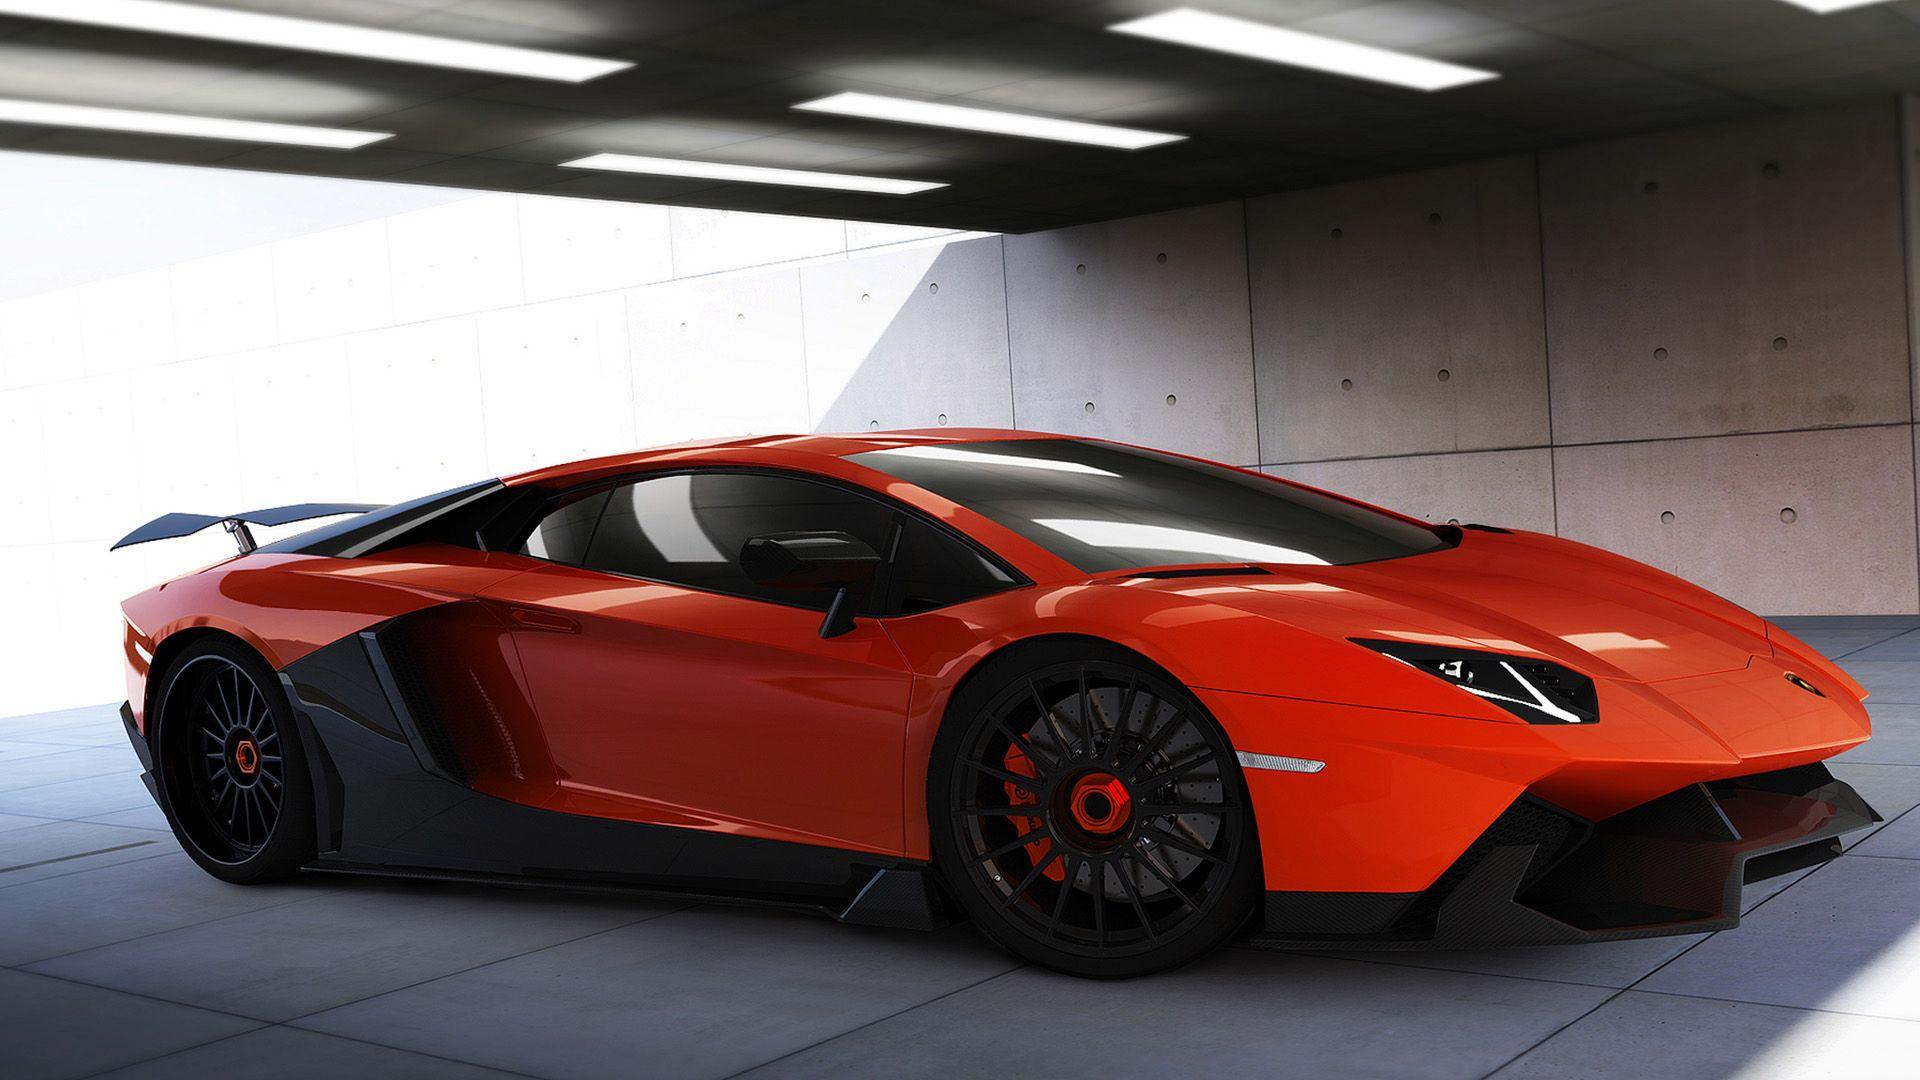 Best Live Wallpaper HD Lamborghini Aventador